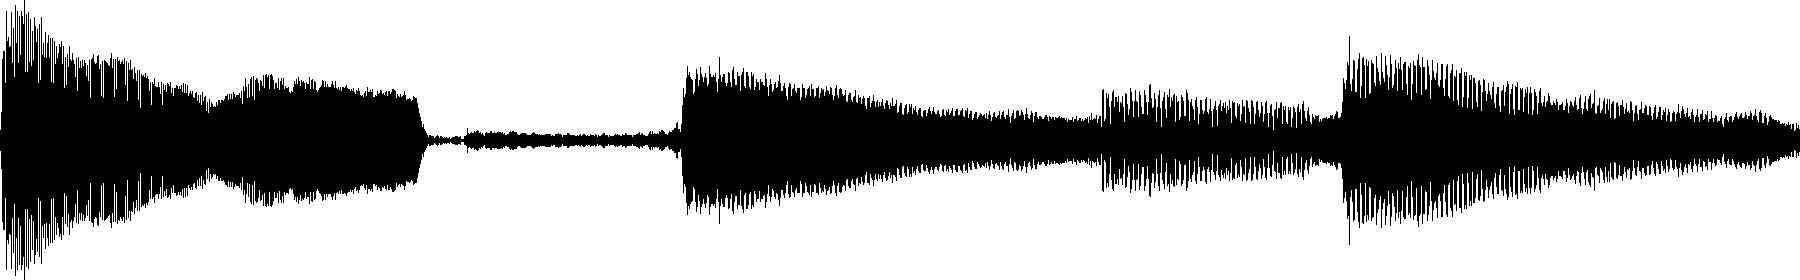 99 lofi guitar g